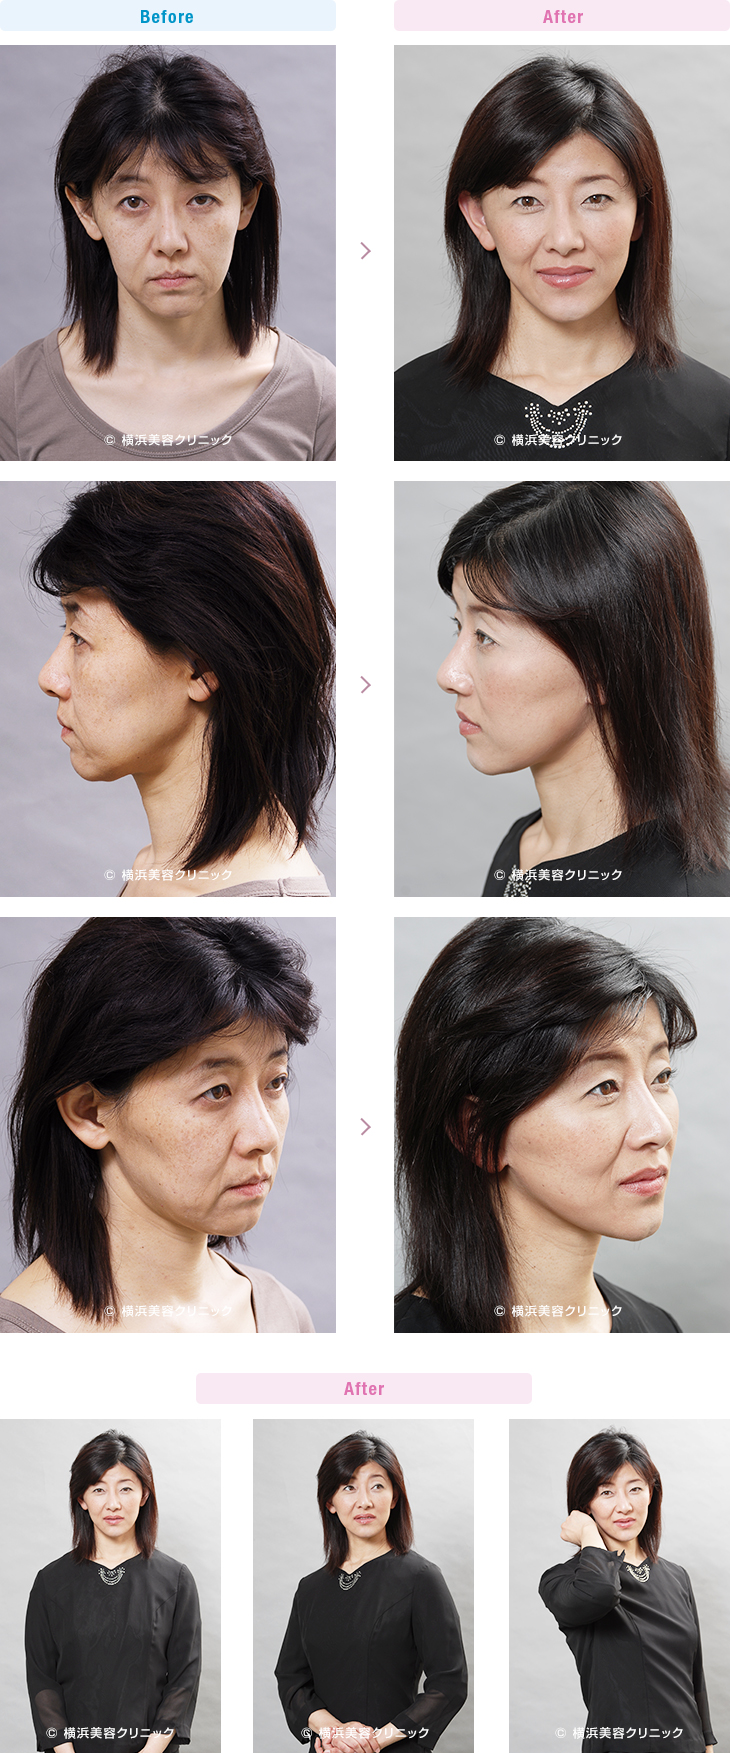 【40代女性】急激に痩せたために弛んでしまった頬に対して、ミニリフトは非常に効果があります。(ミニリフトの症例)【横浜美容クリニック】